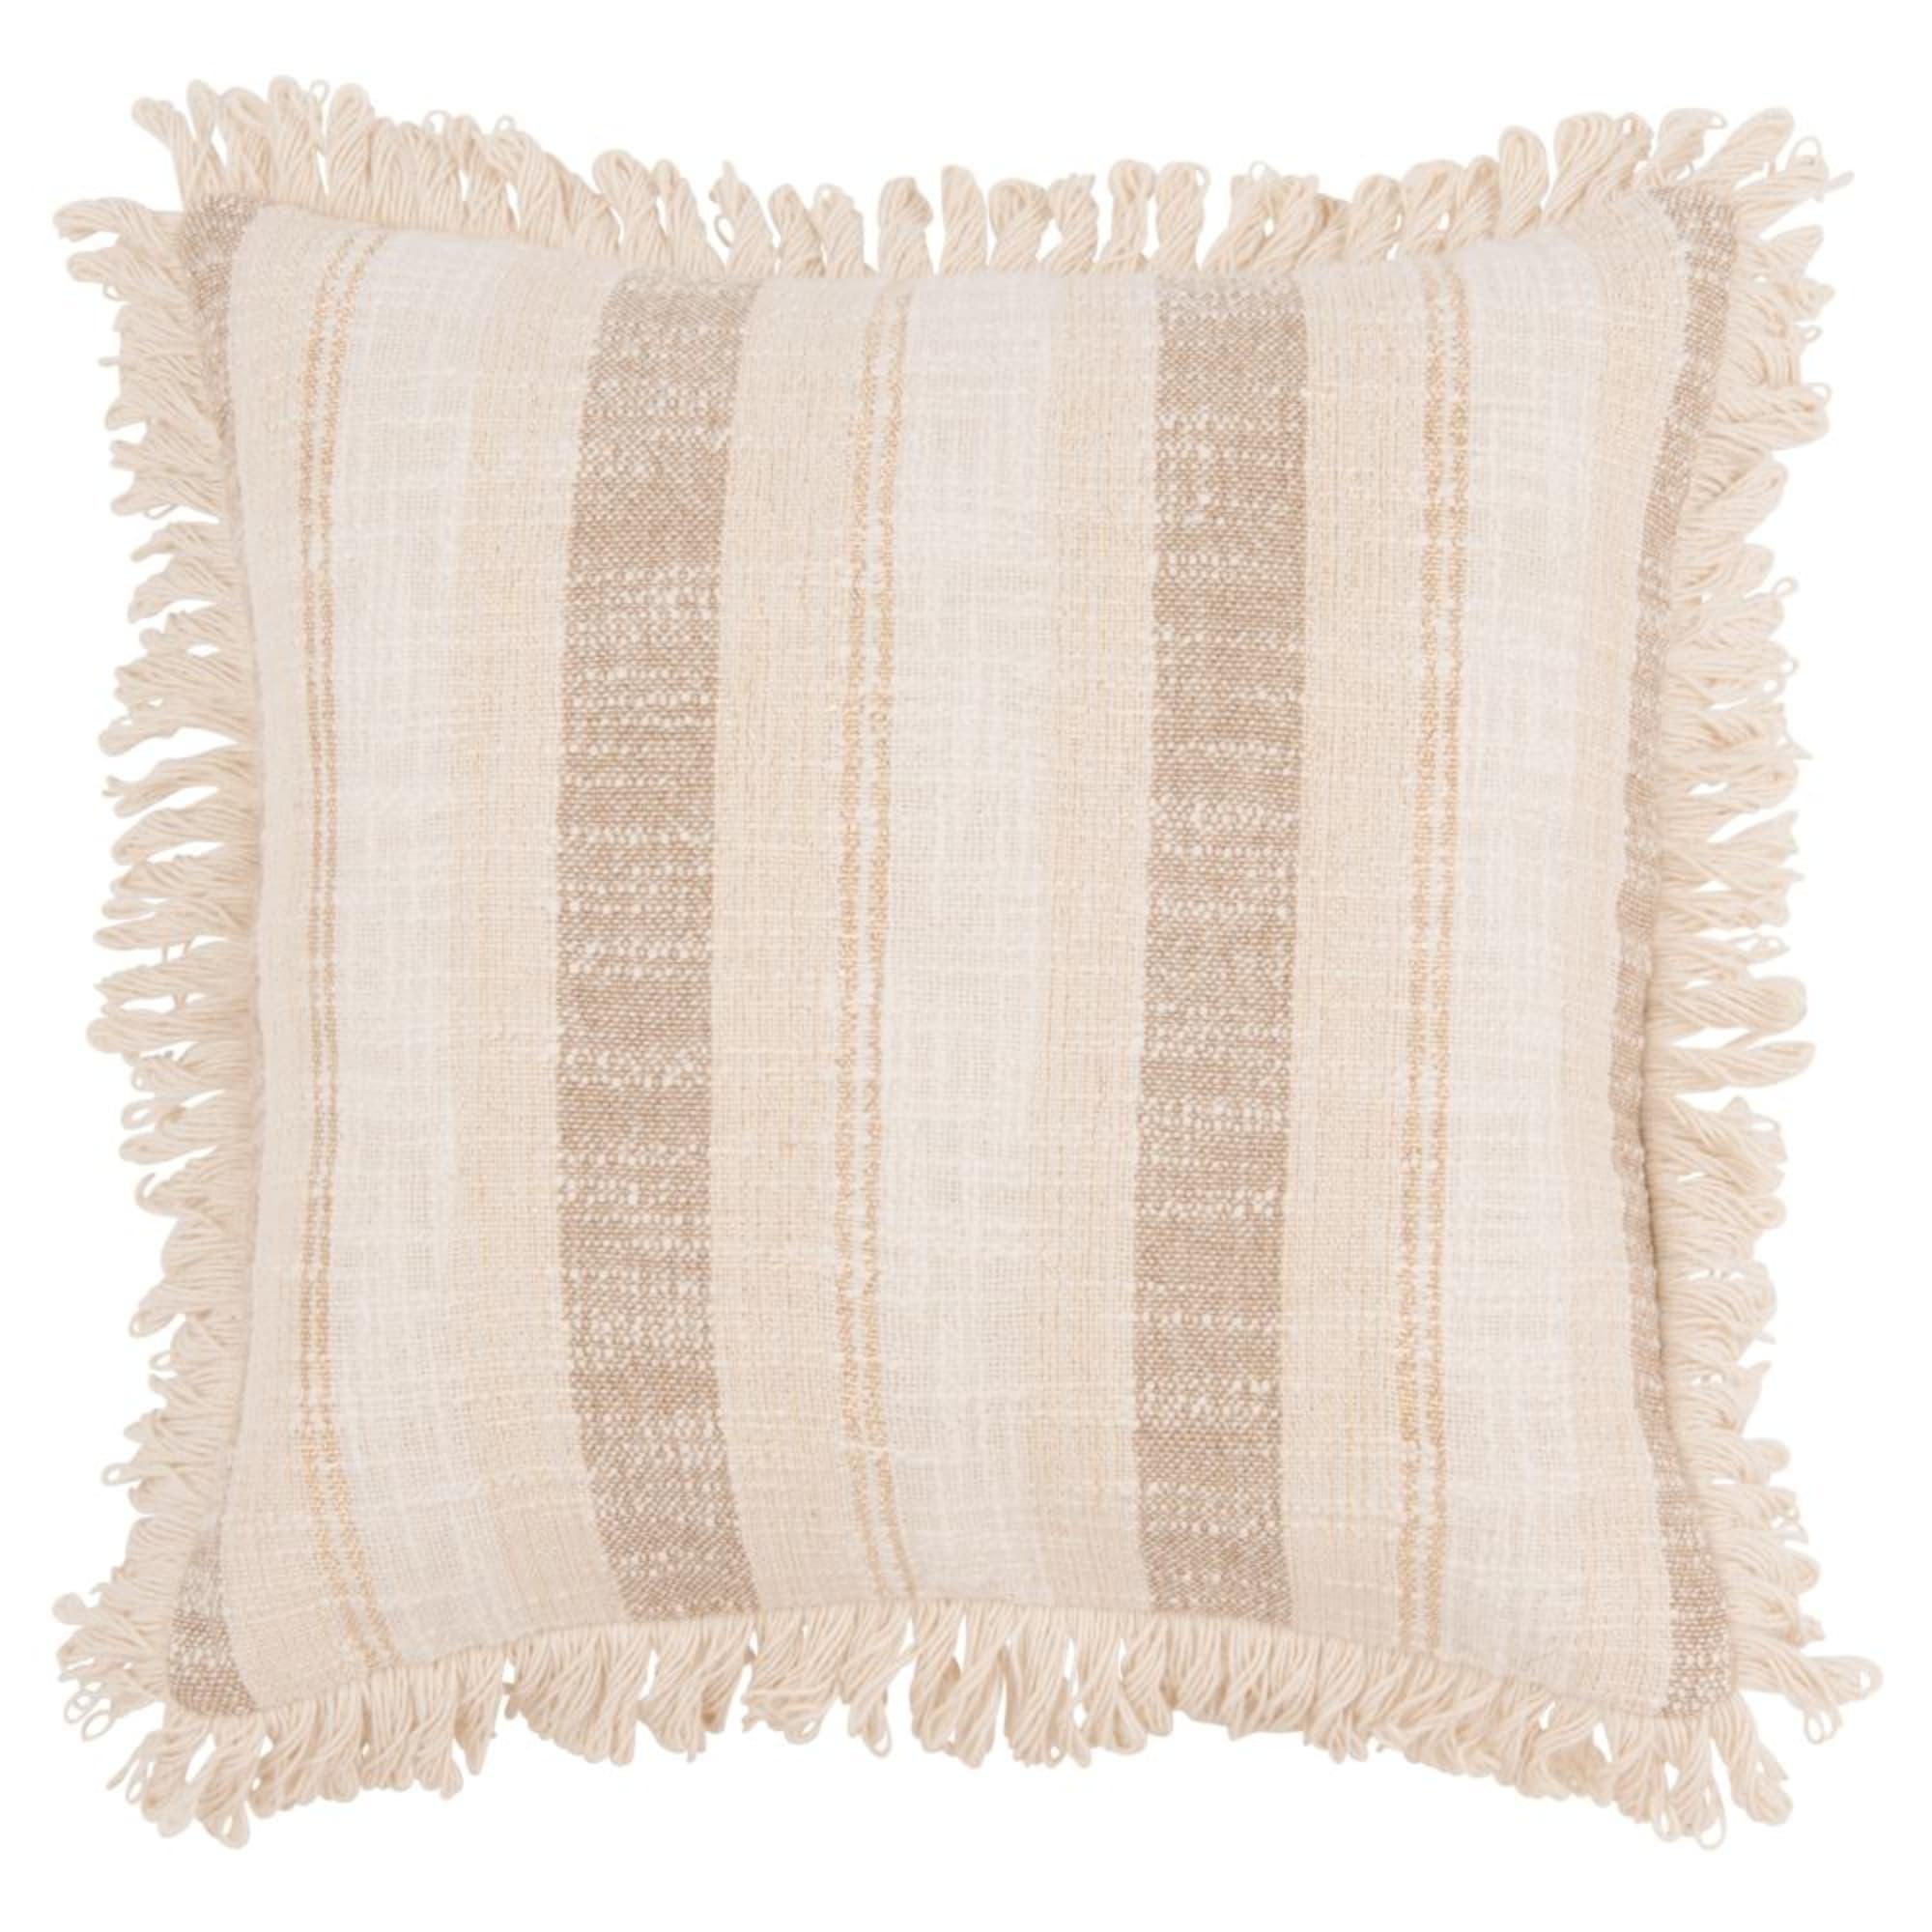 Funda de cojín de algodón de color crudo y marrón 40x40